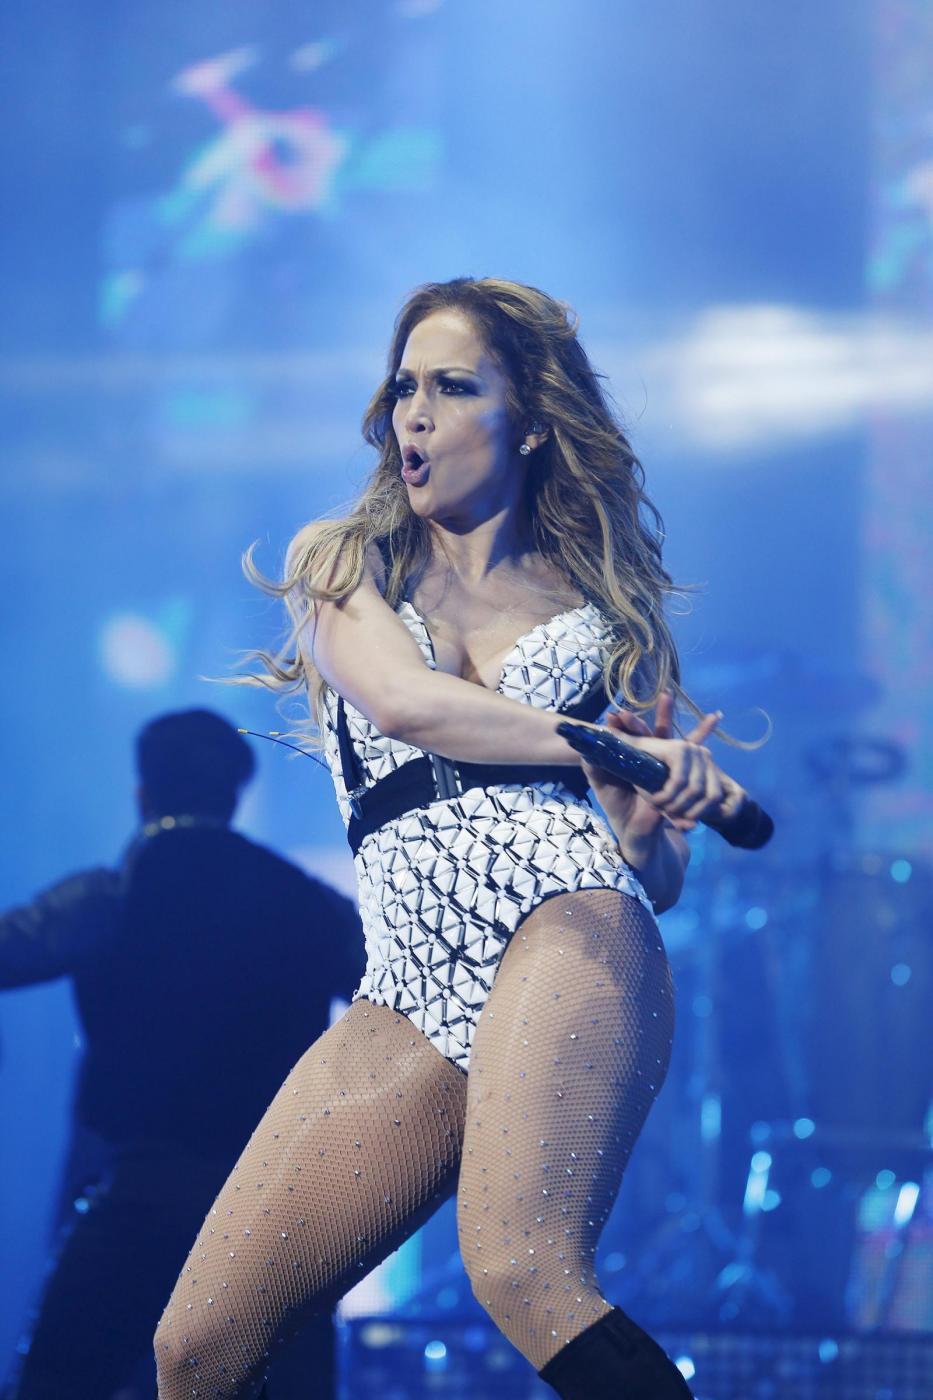 Jennifer Lopez, svelato segreto dei suoi lunghi capelli: ha le extensions FOTO 27